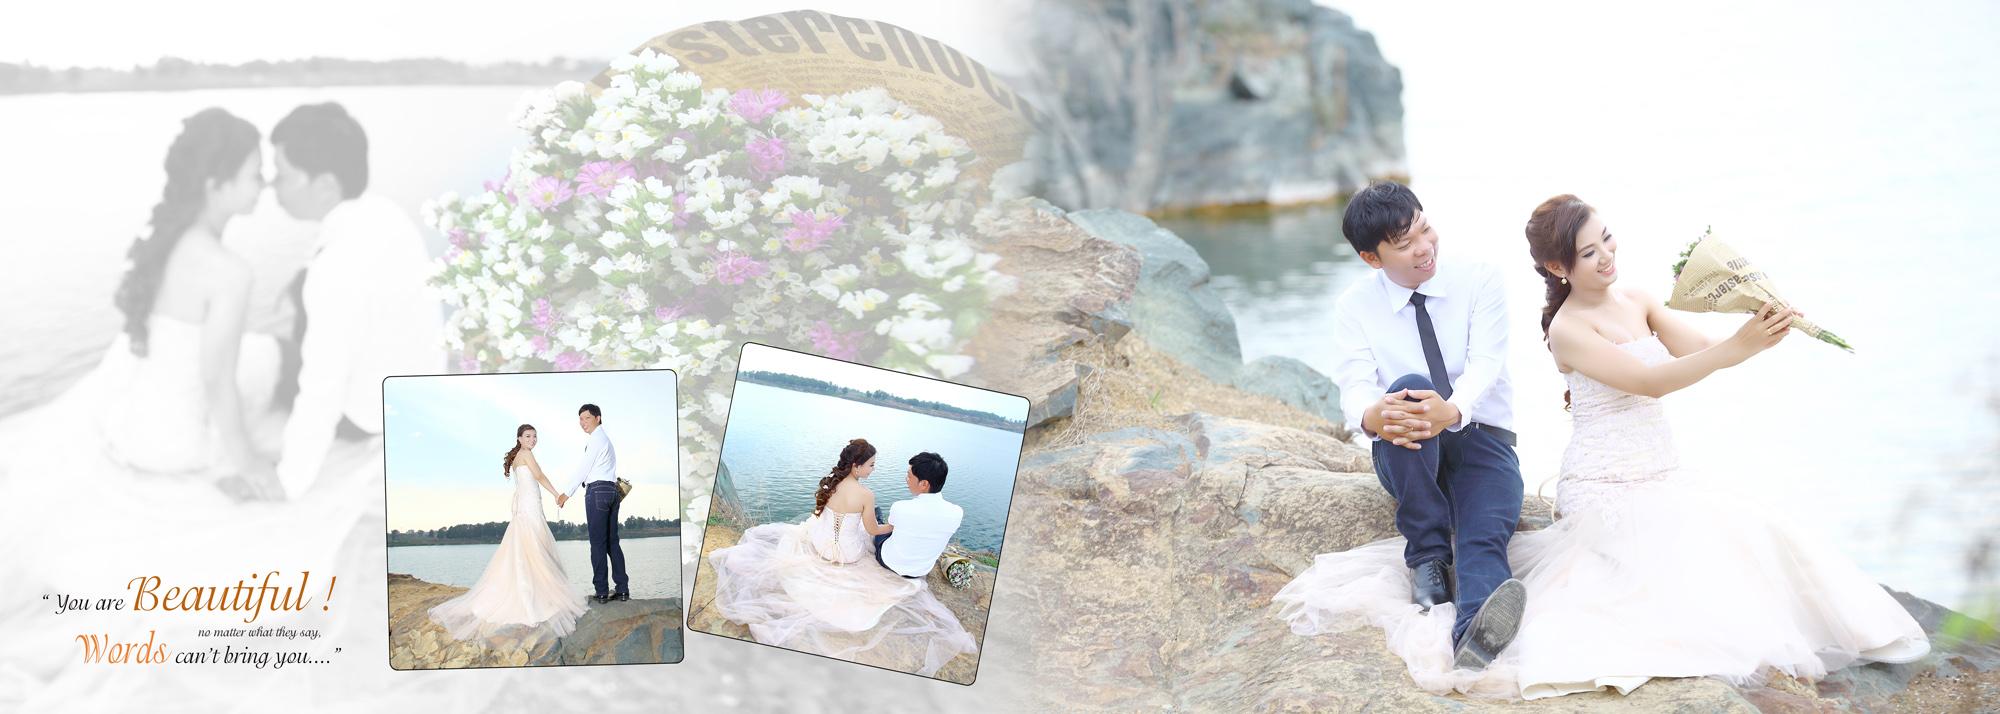 Album chụp hình cưới Trung và Diễm 10